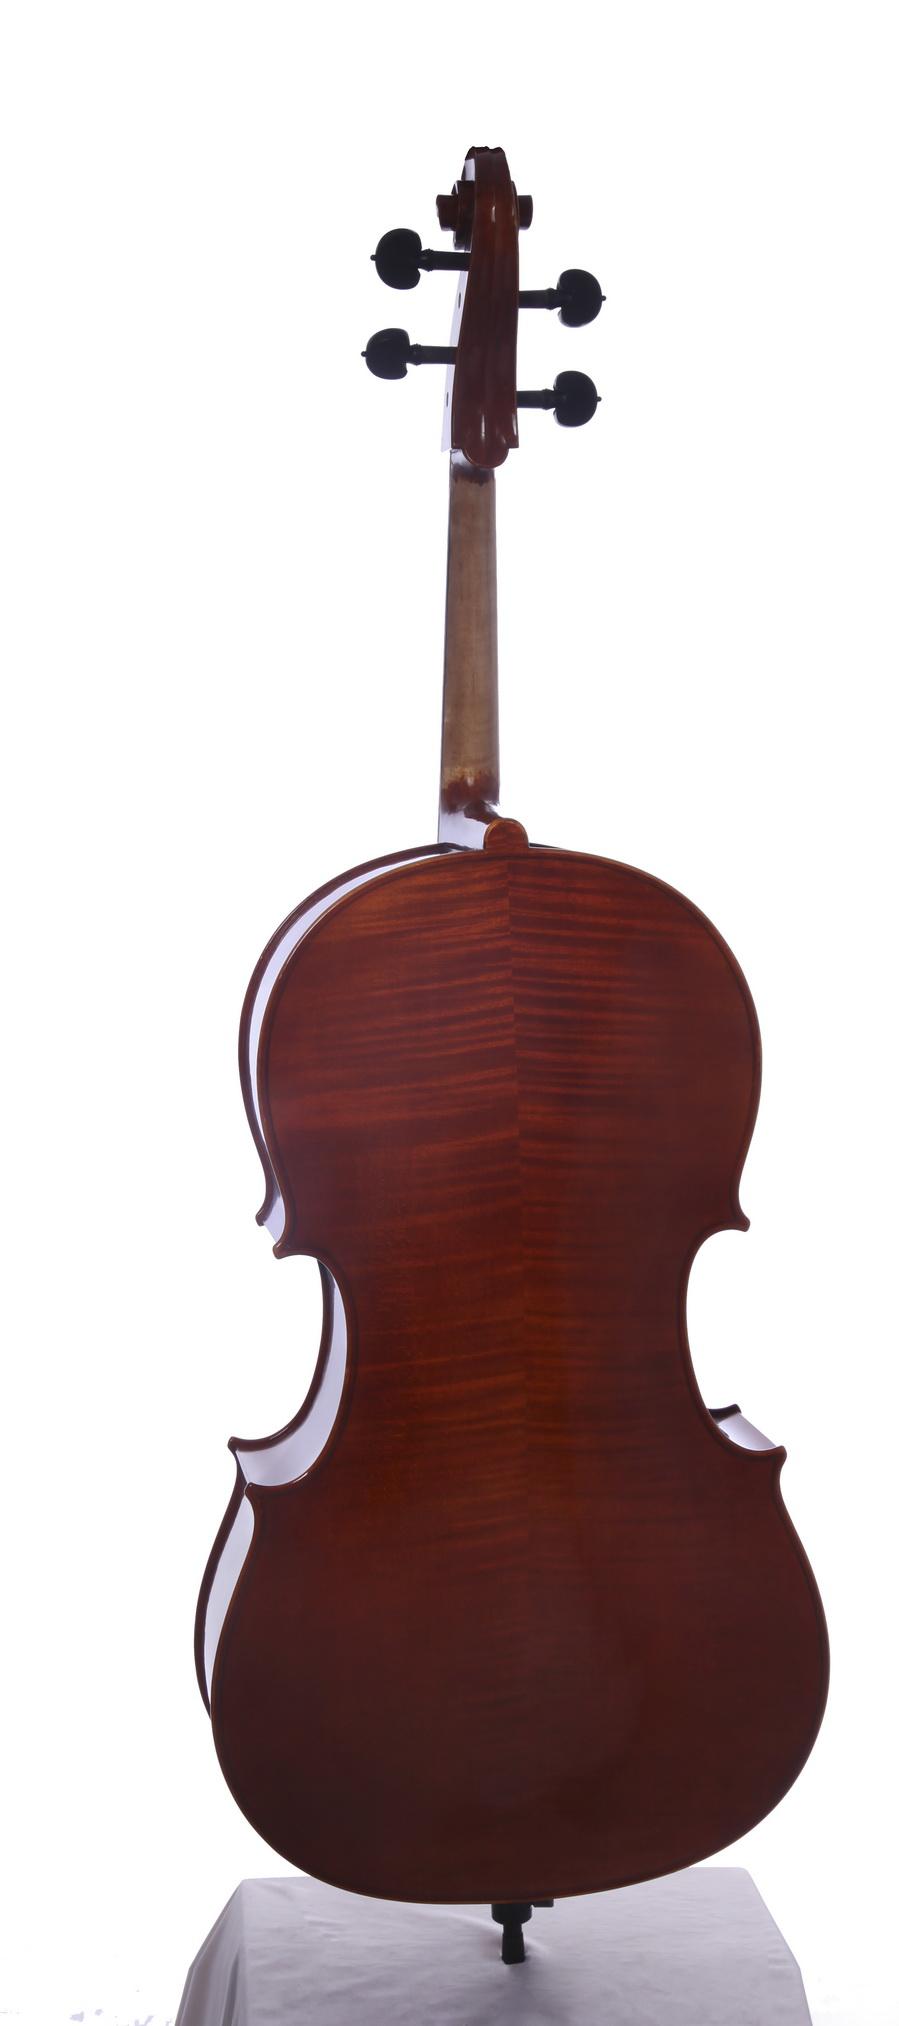 新品油性大提琴背backresize.jpg